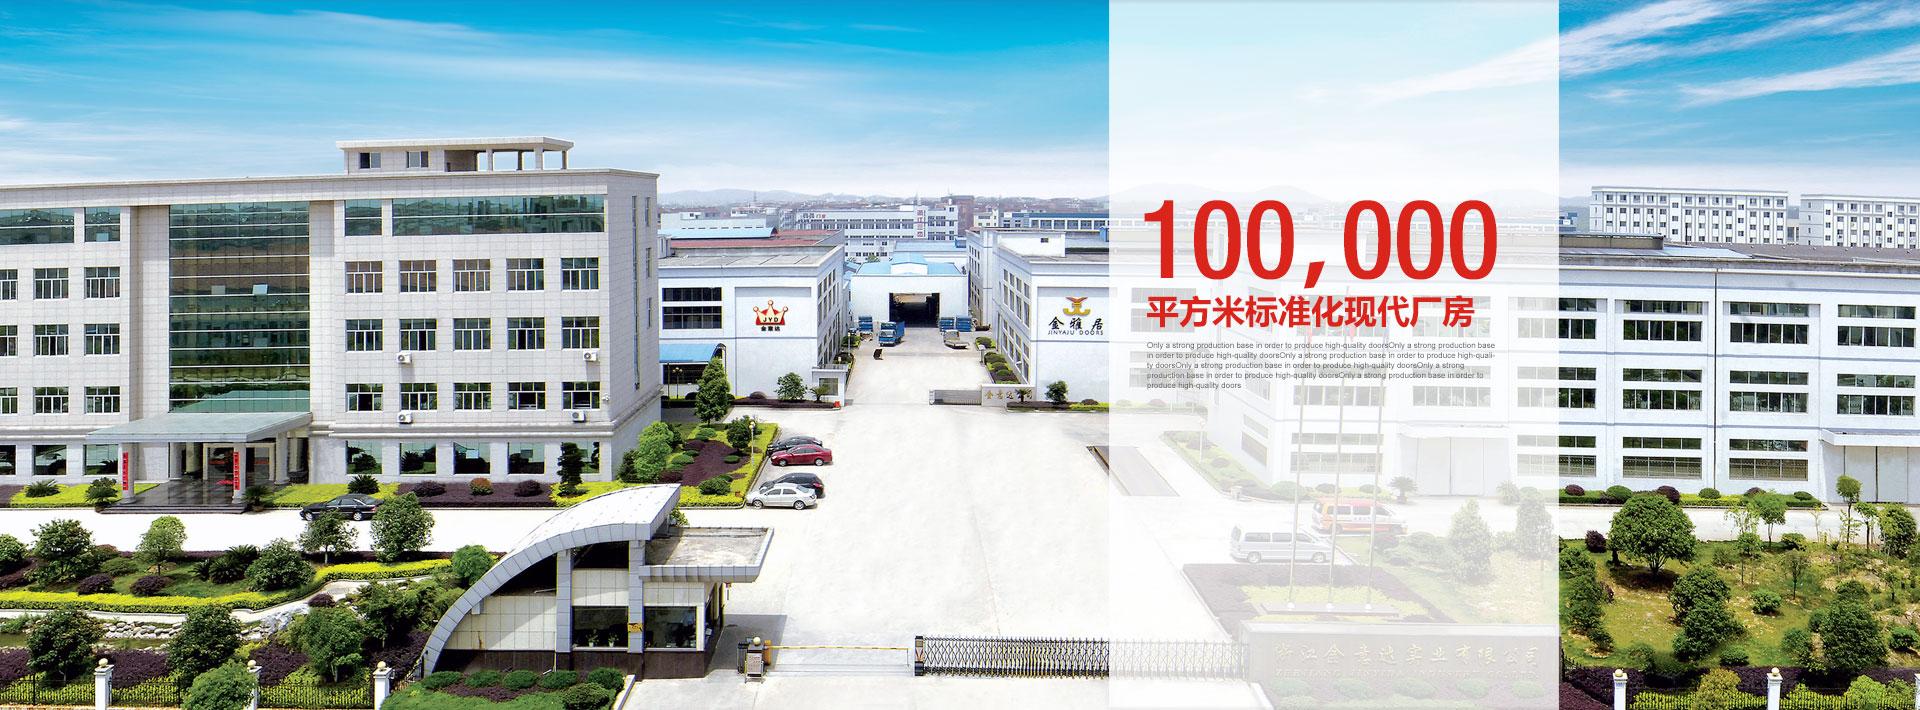 100000平方米標準化現代廠房